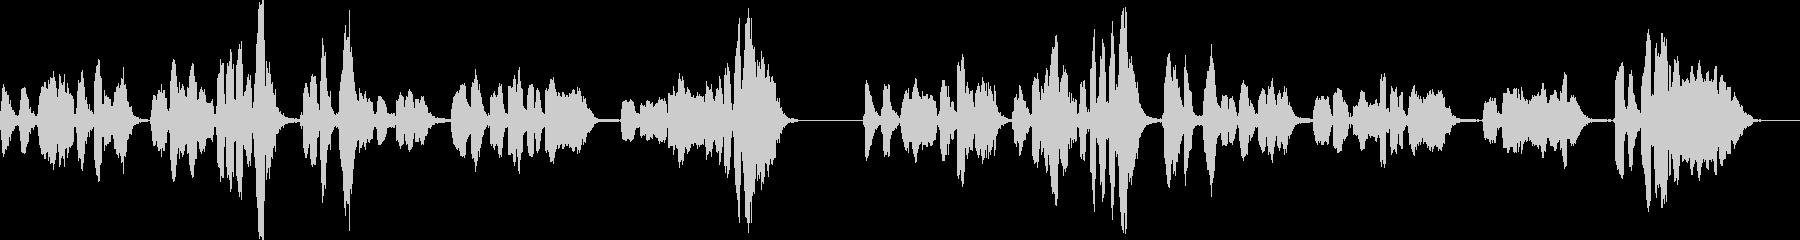 「小山の子うさぎ」アカペラ G#マイナーの未再生の波形